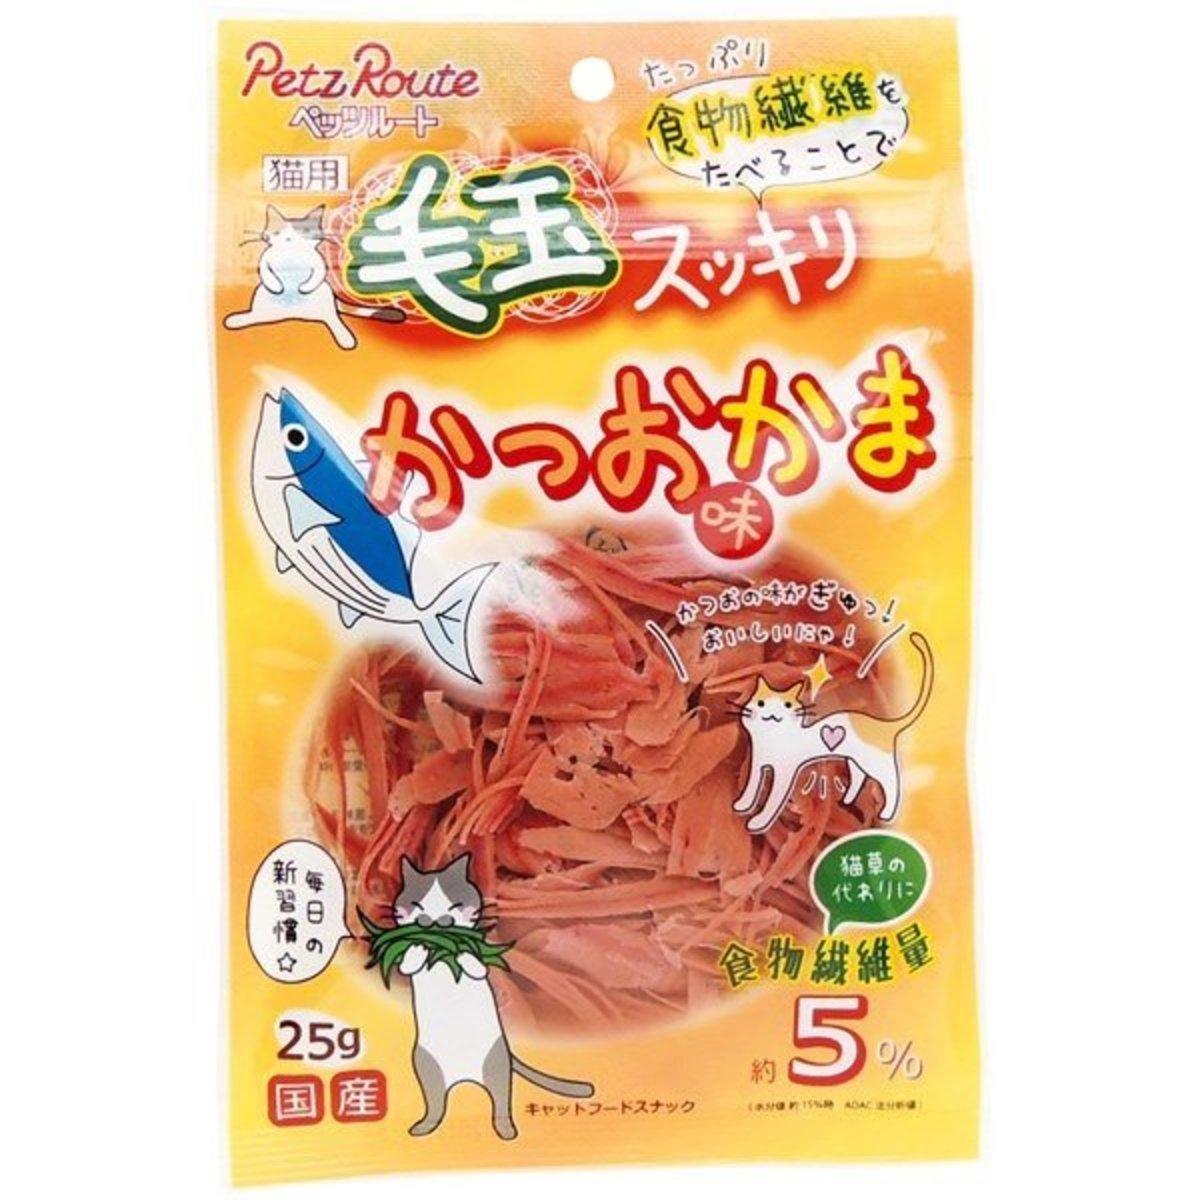 日本Petz Route 毛玉 去毛球 鰹魚片 25g (貓用) (粉橙) 7680688